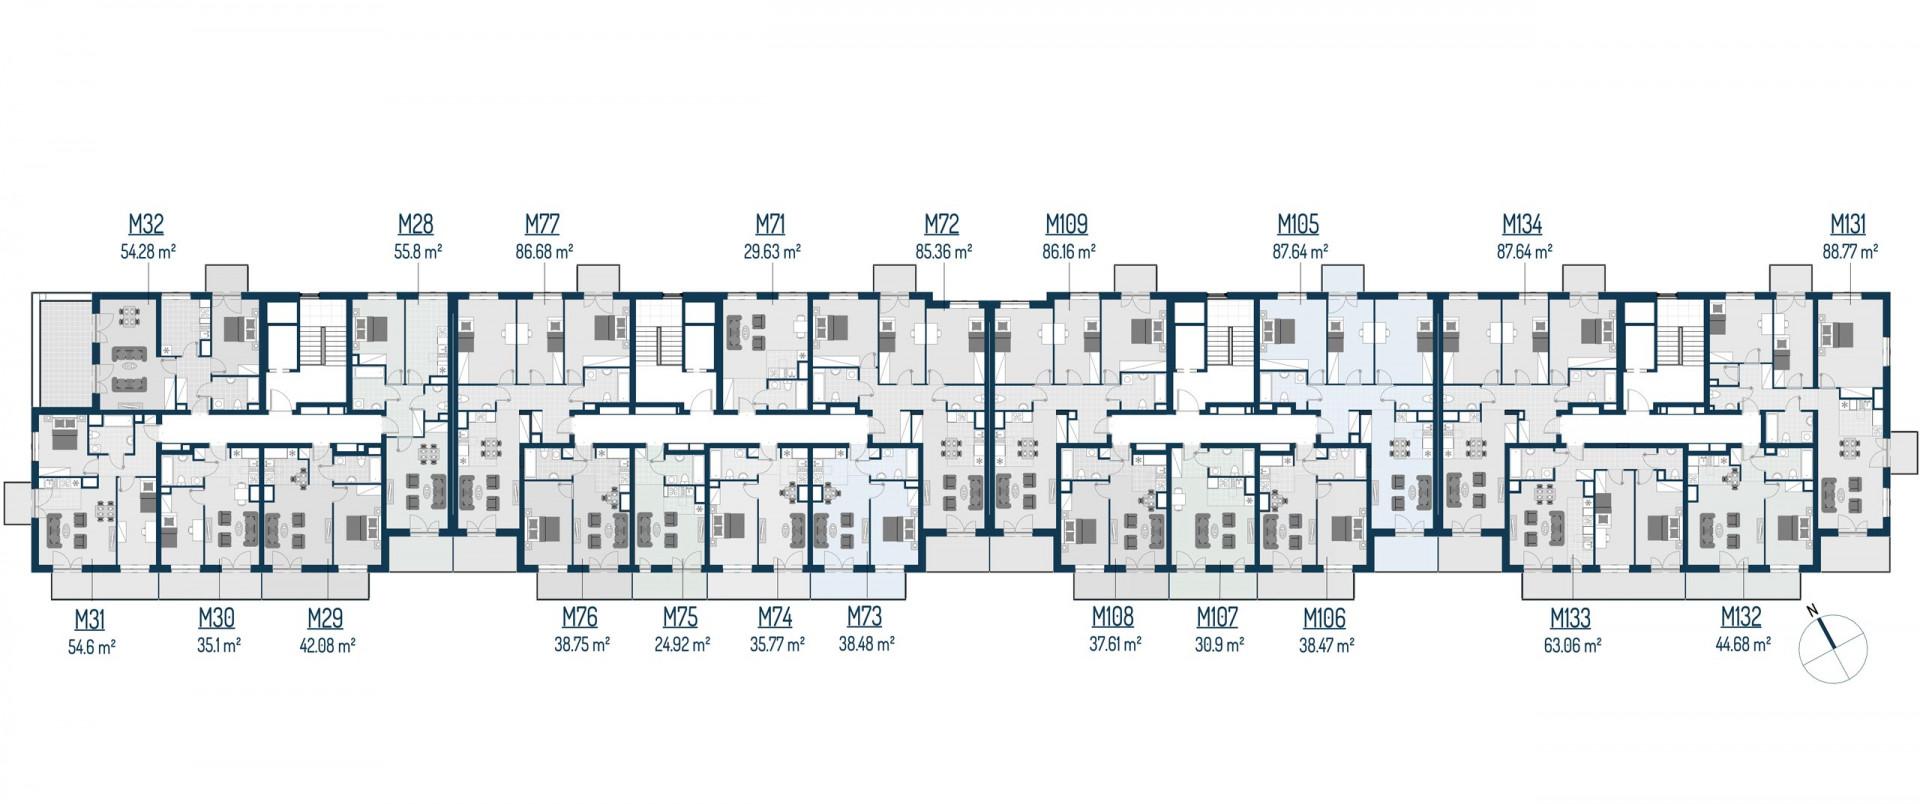 Zdrowe Stylove / budynek 2 / mieszkanie nr 71 rzut 2